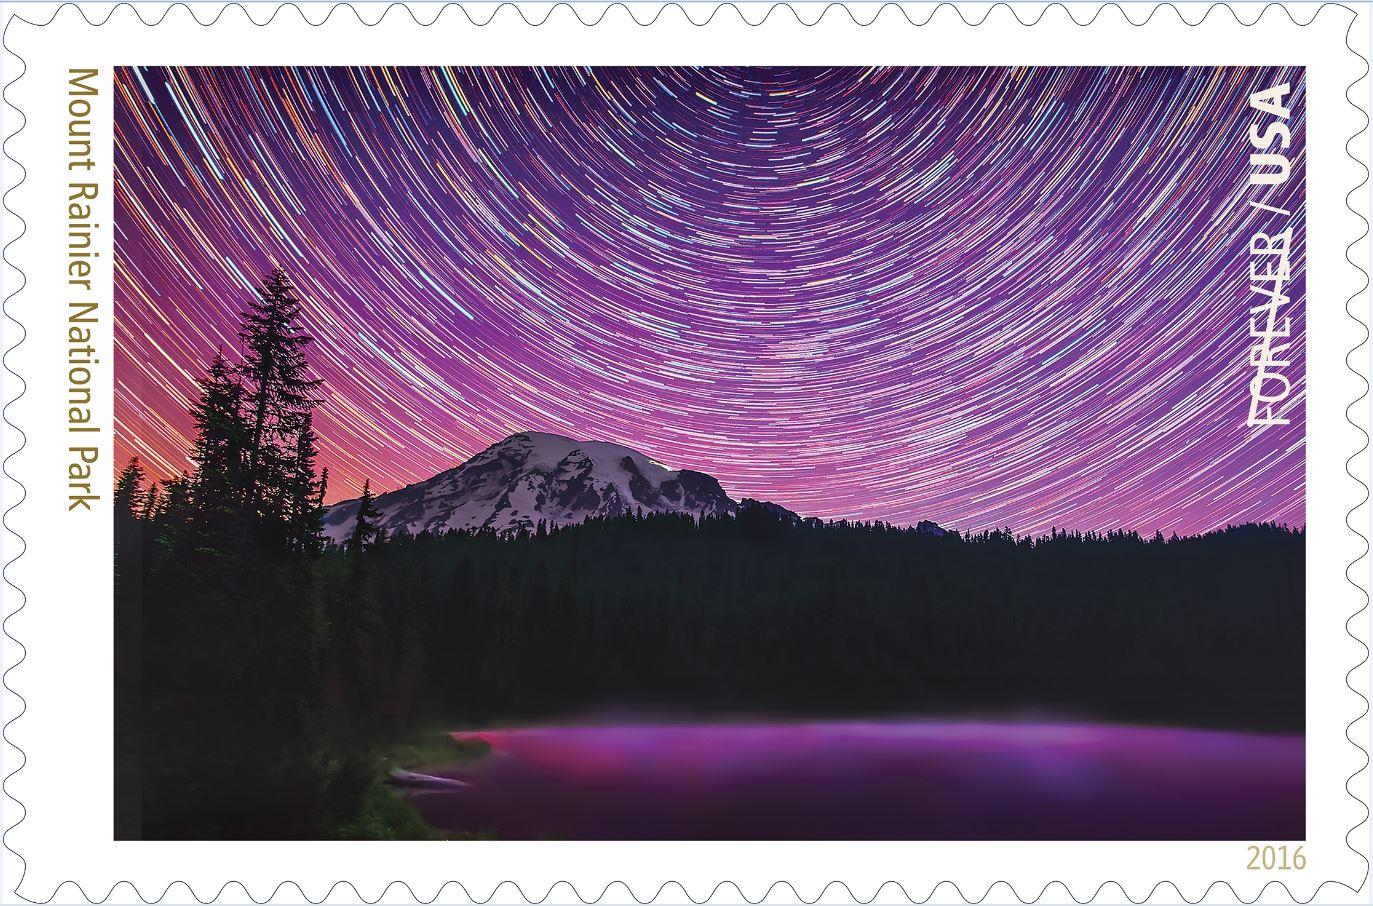 Centennial Stamps - Centennial (U S  National Park Service)